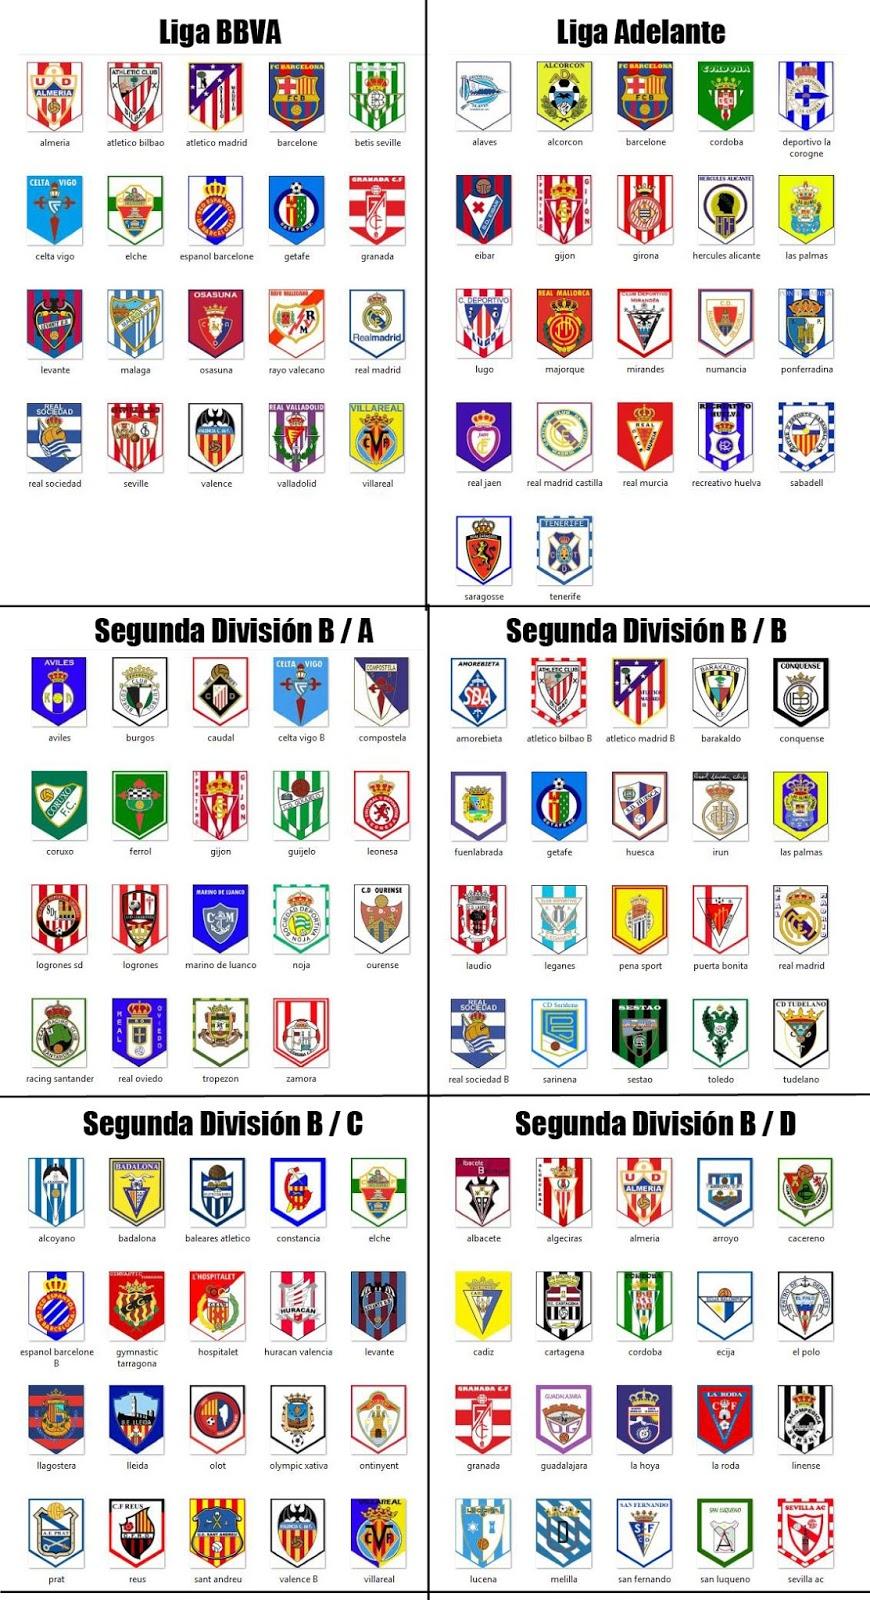 Fanions de football espagne 1 2 3 2013 2014 - Logo equipe de foot espagne ...